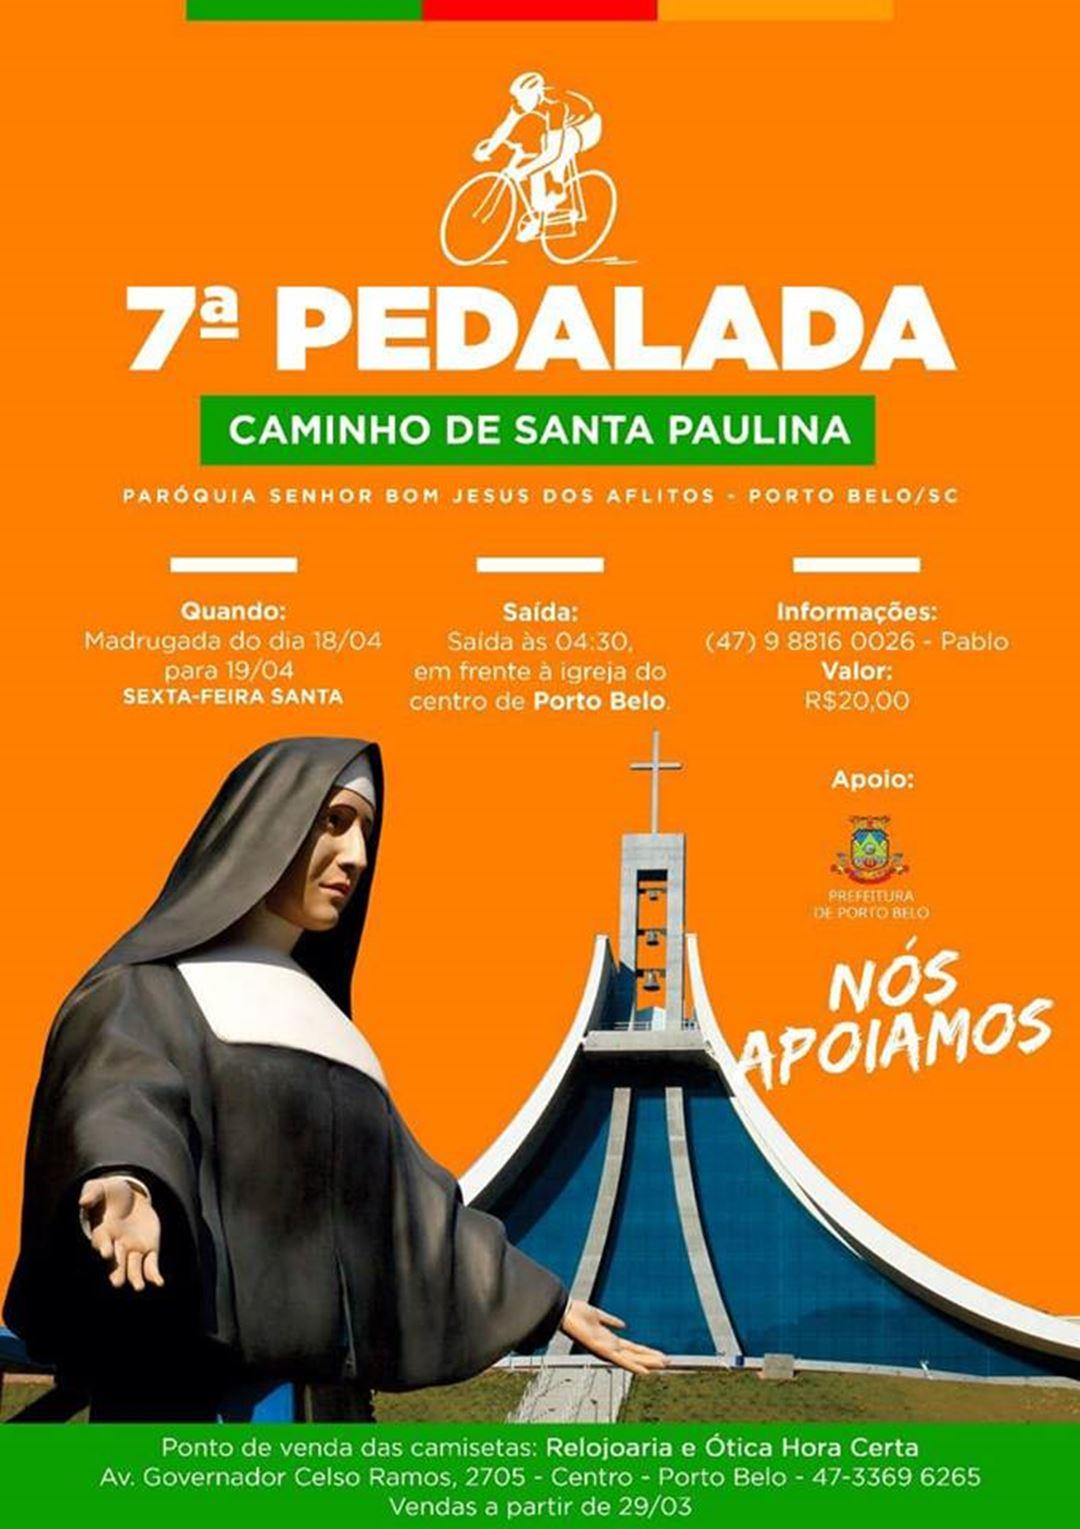 PORTO BELO - Moradores de Porto Belo realizam a 7ª pedalada Caminhos de Santa Paulina